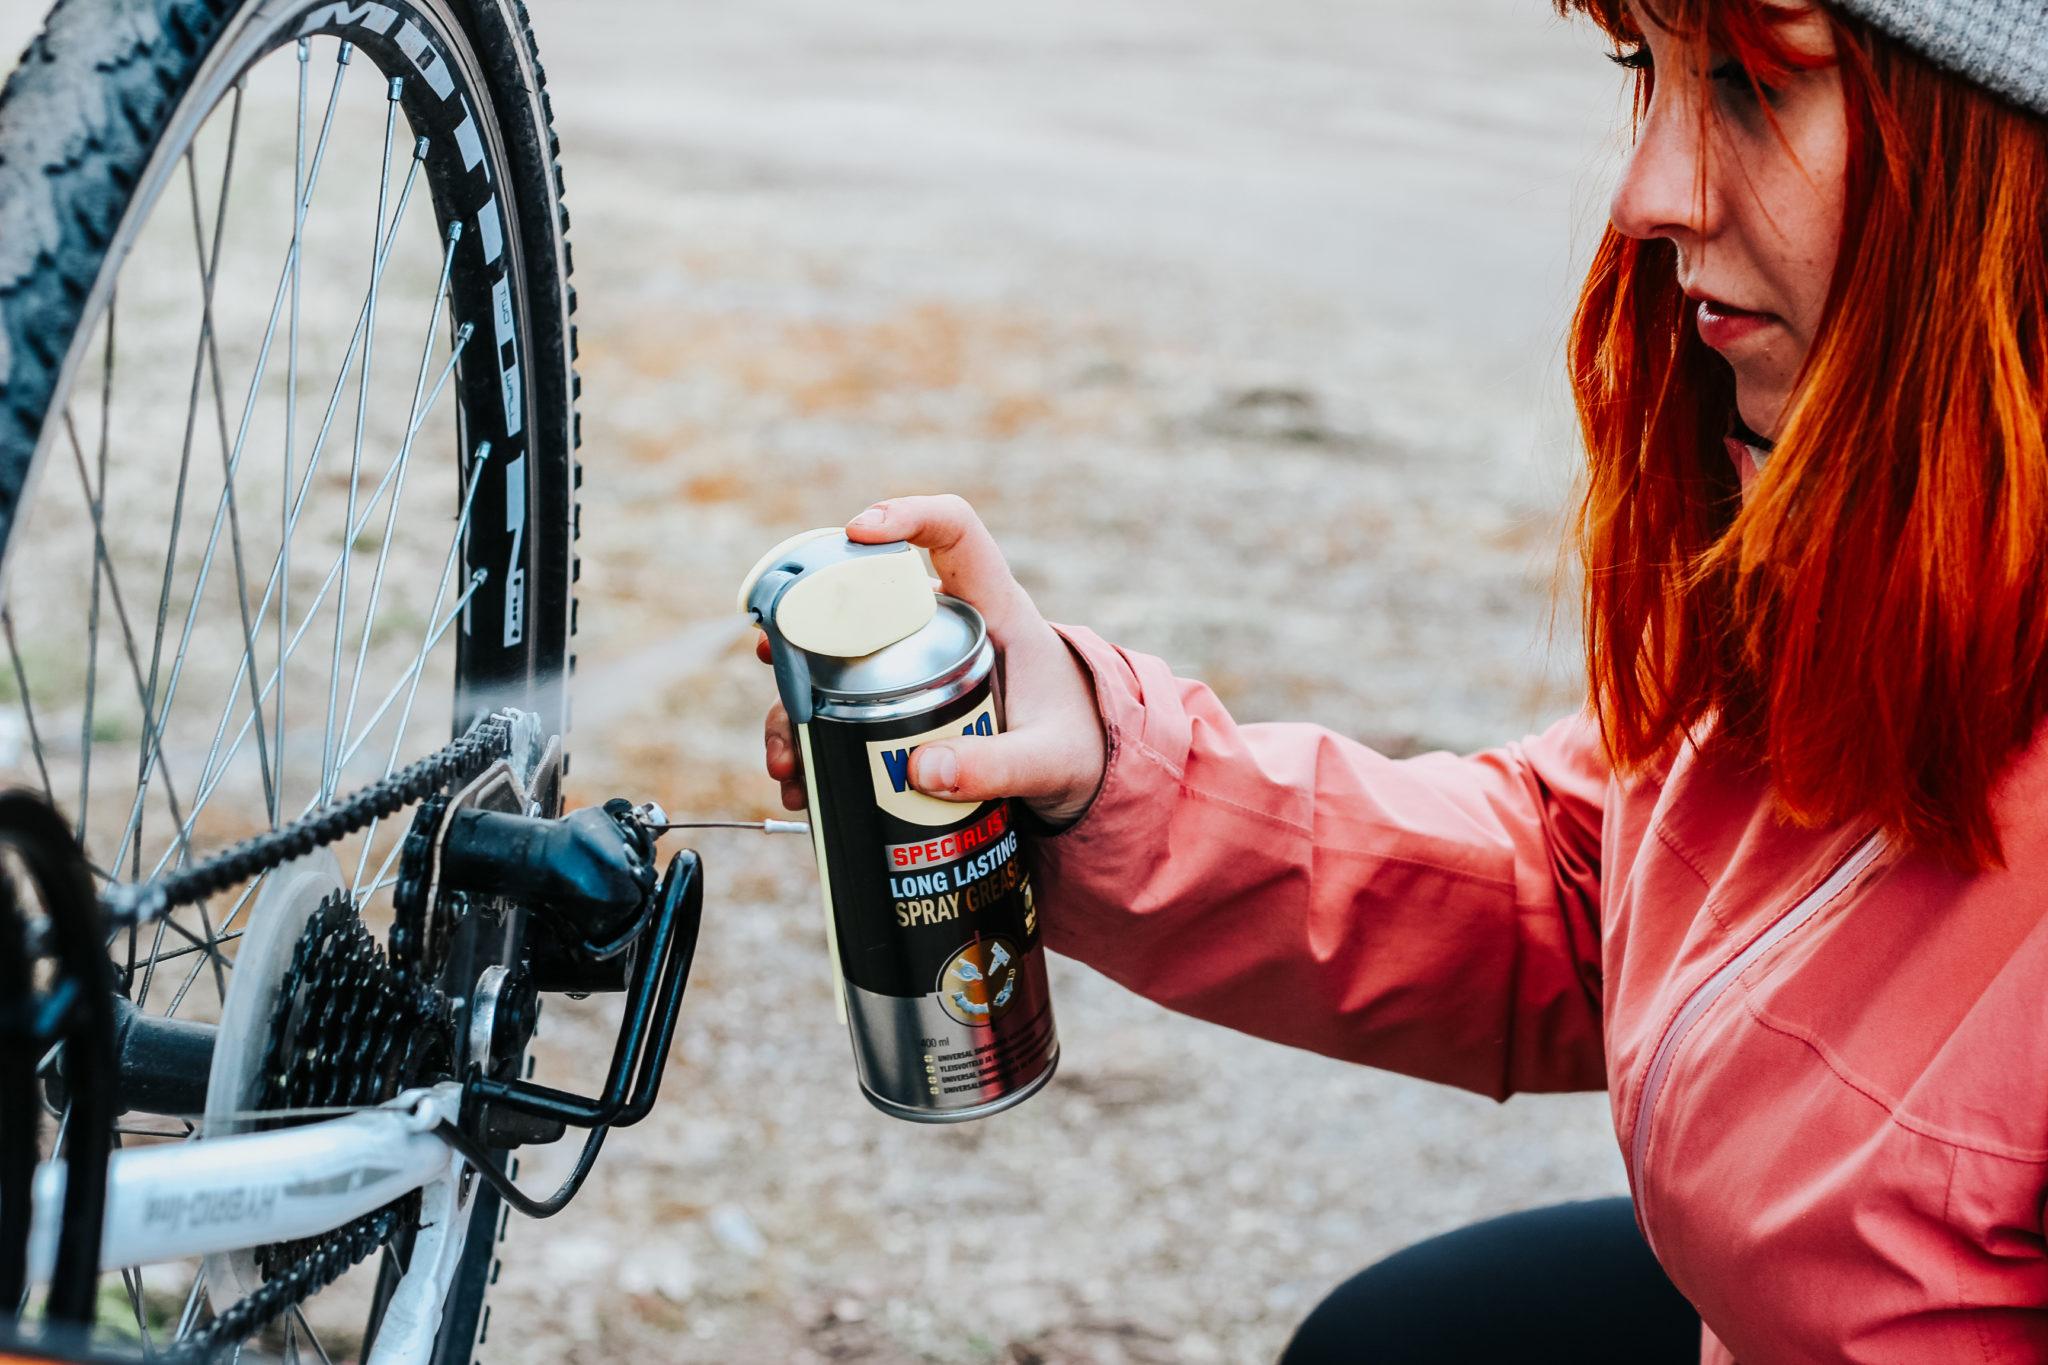 WD-40 Specialist Long Lasting spray grease pitkäkestoinen voiteluaine polkupyörän ketjujen öljyäminen